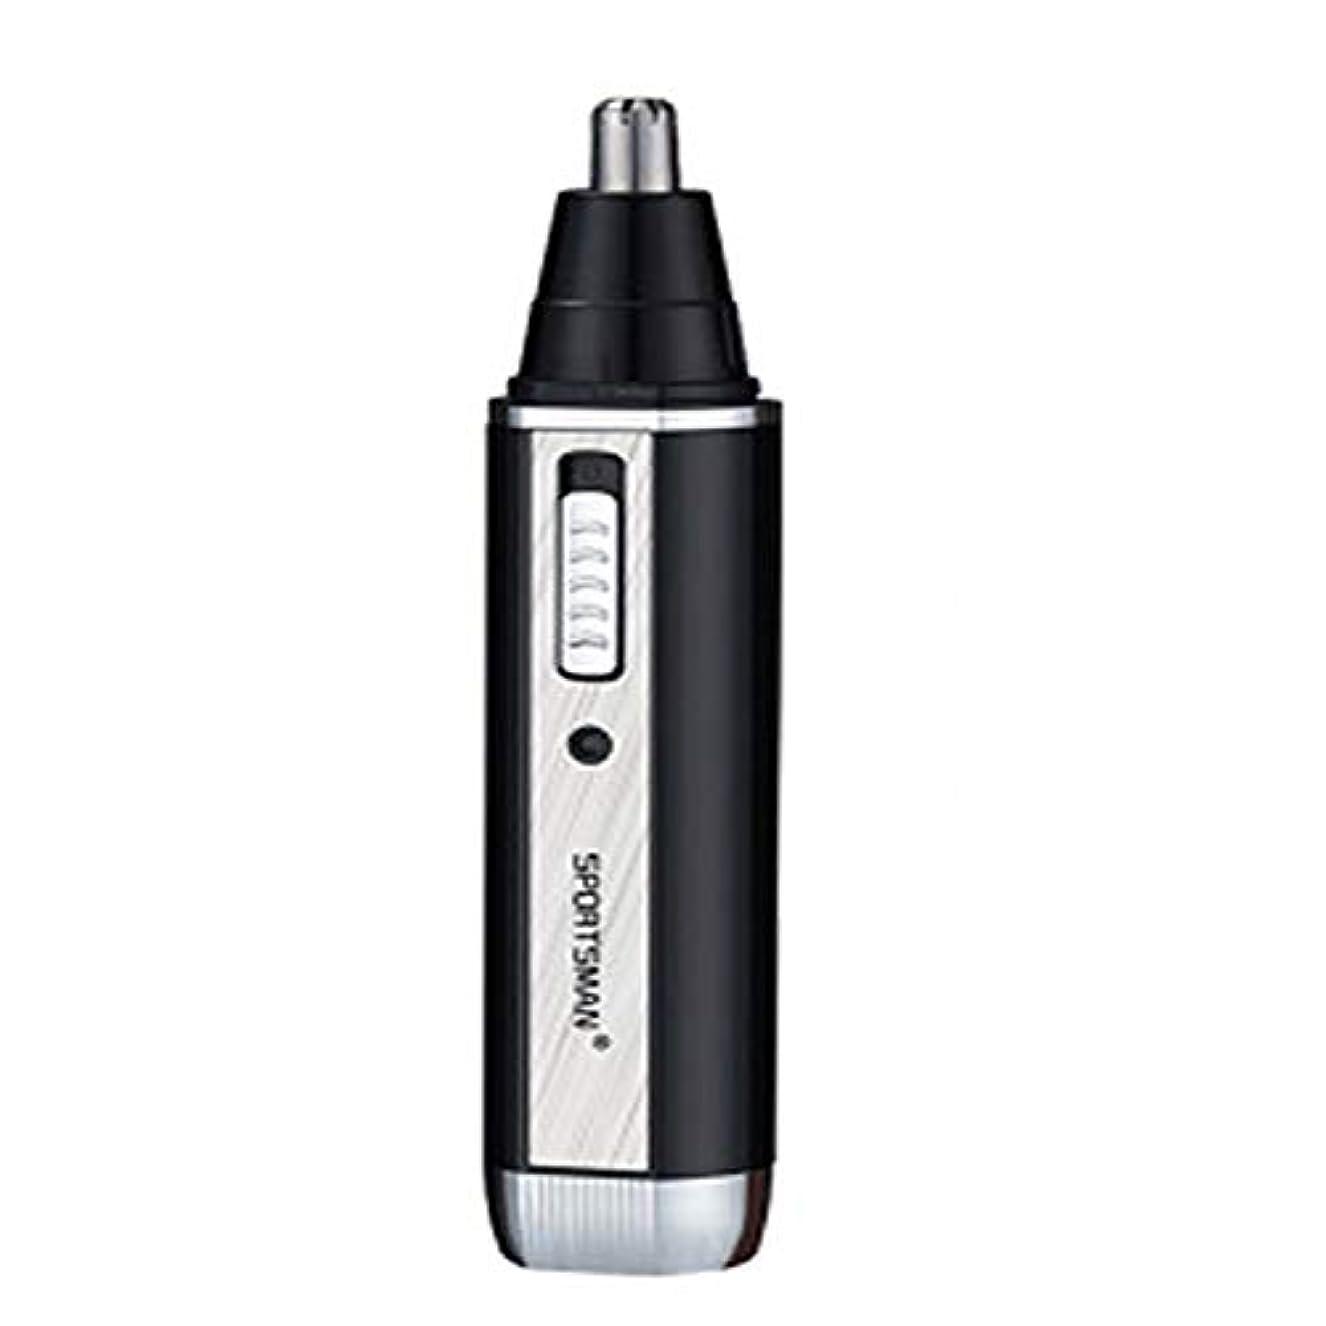 コンピュータークリスマスコール鼻のヘアトリマーは、男性と女性のための50 dB以下の内部360°回転設計の保護カバーノイズで、使いやすく、そして掃除がしやすいです。